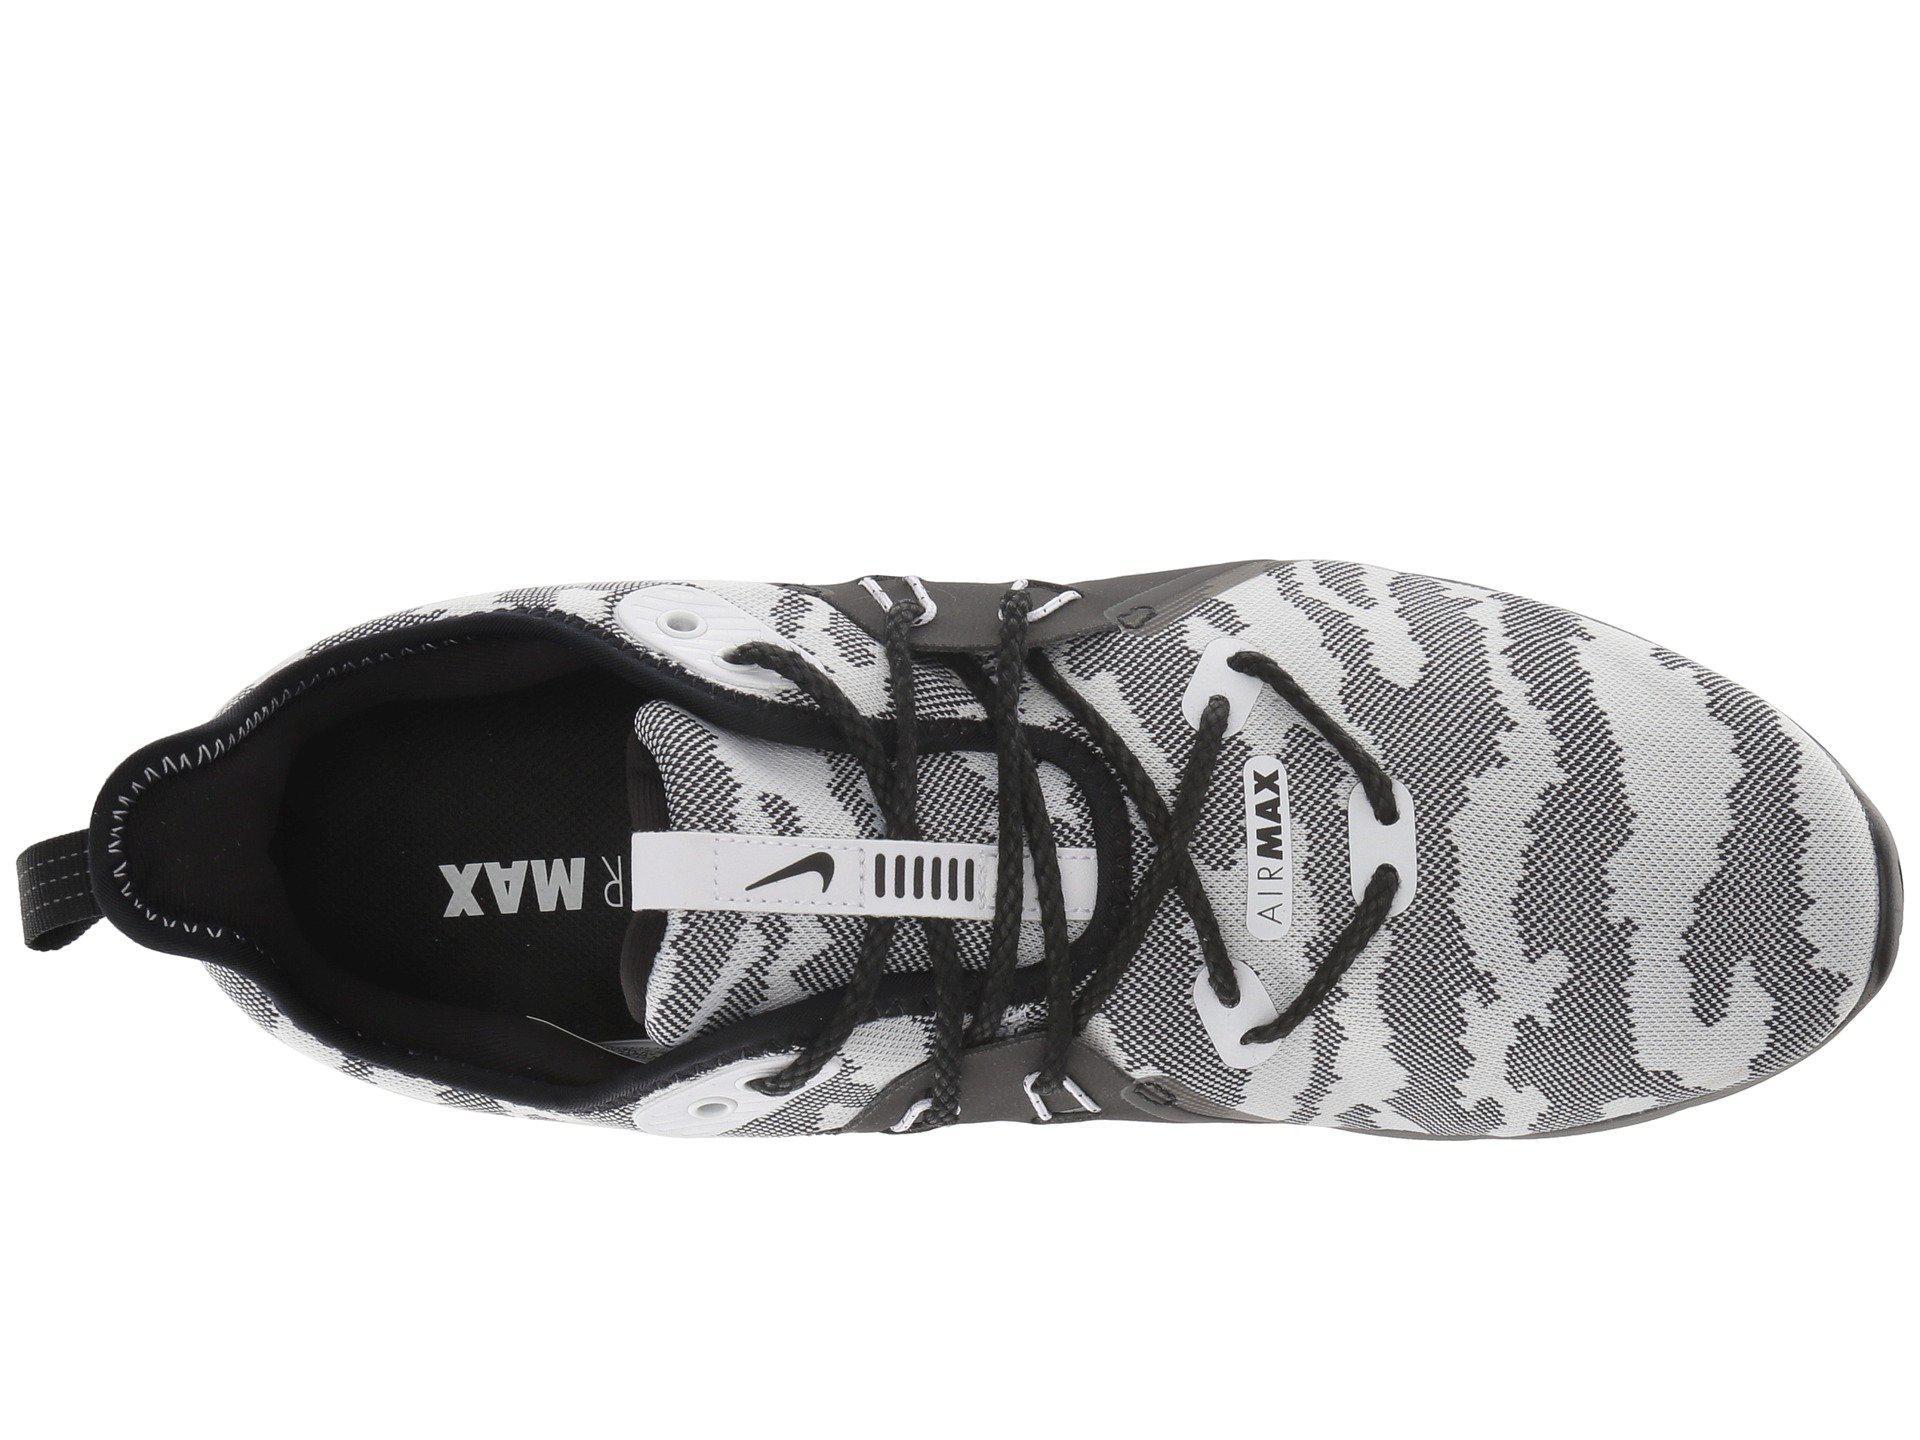 a35fd03b098 Nike - Black Air Max Sequent 3 Premium for Men - Lyst. View fullscreen